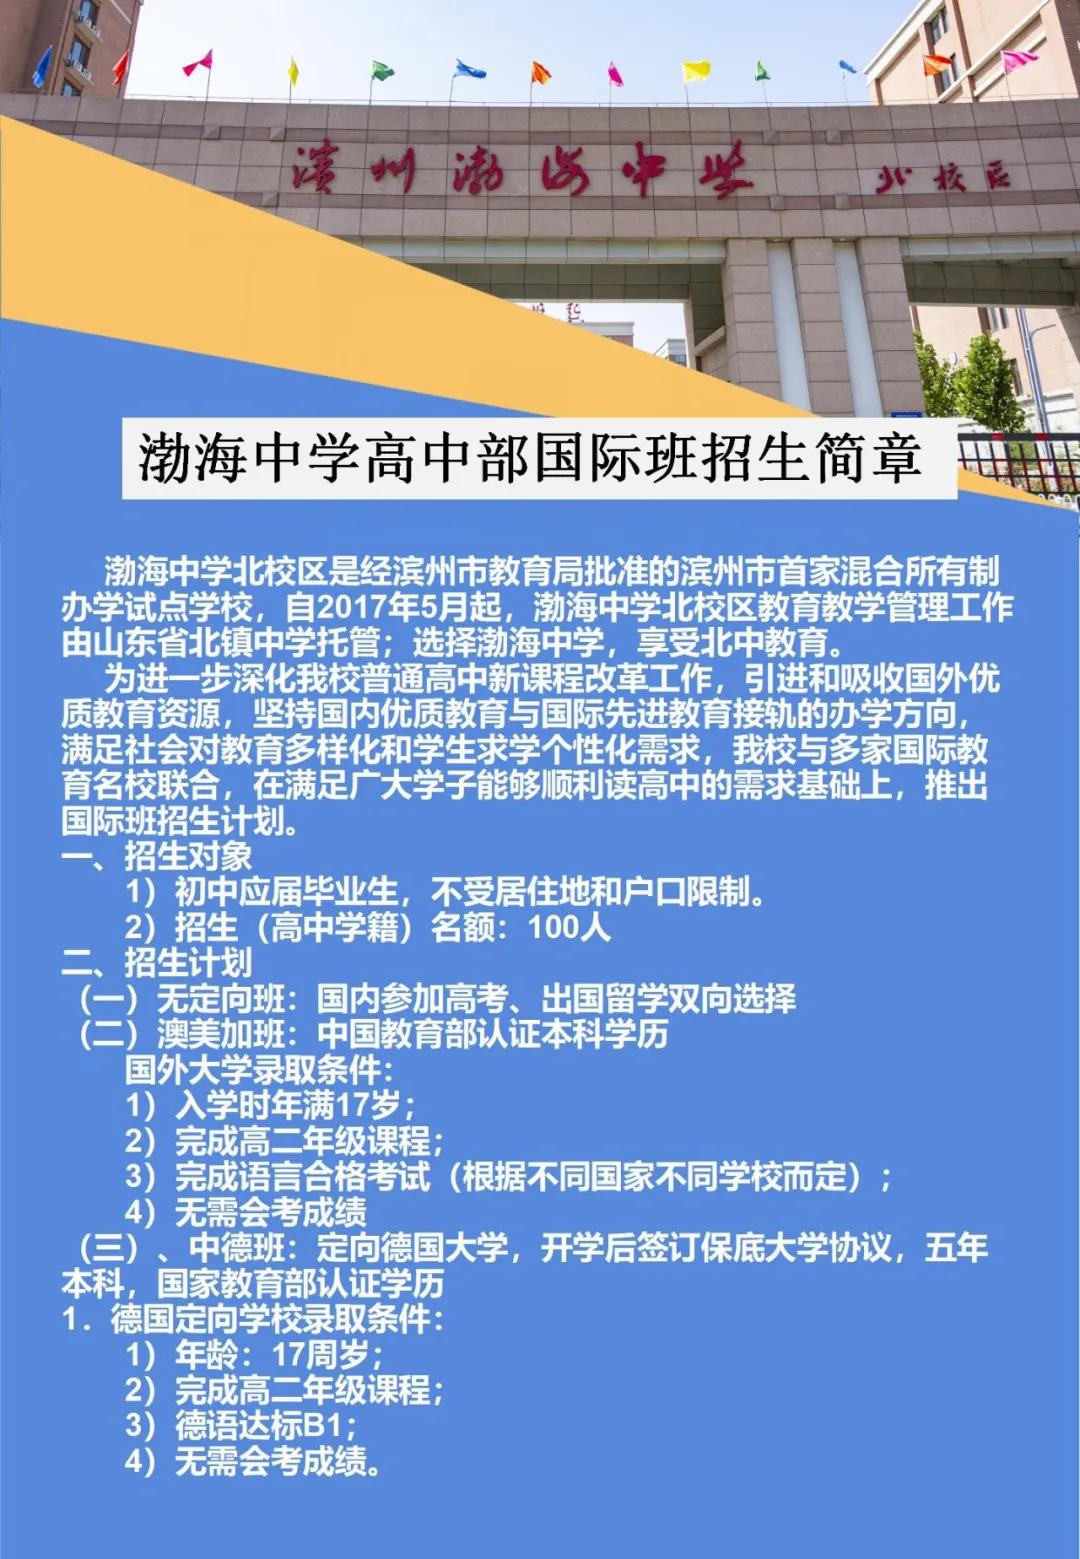 滨州渤海中学高中部国际班2020年招生简章